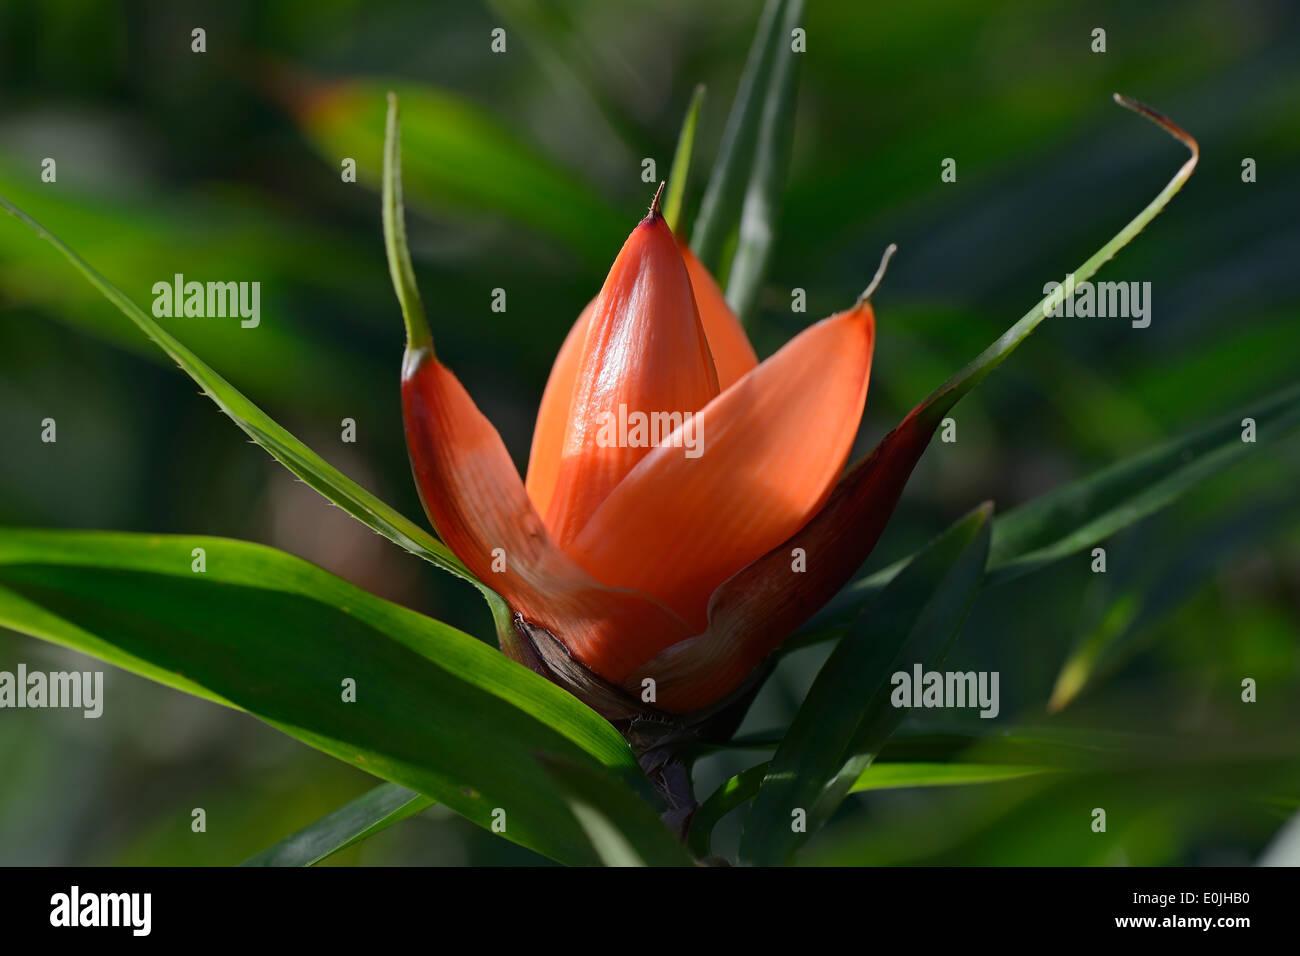 Blüte vom Freycinetia luzonensis, Schraubenbaumgewächs, Vorkommen Südostasien - Stock Image